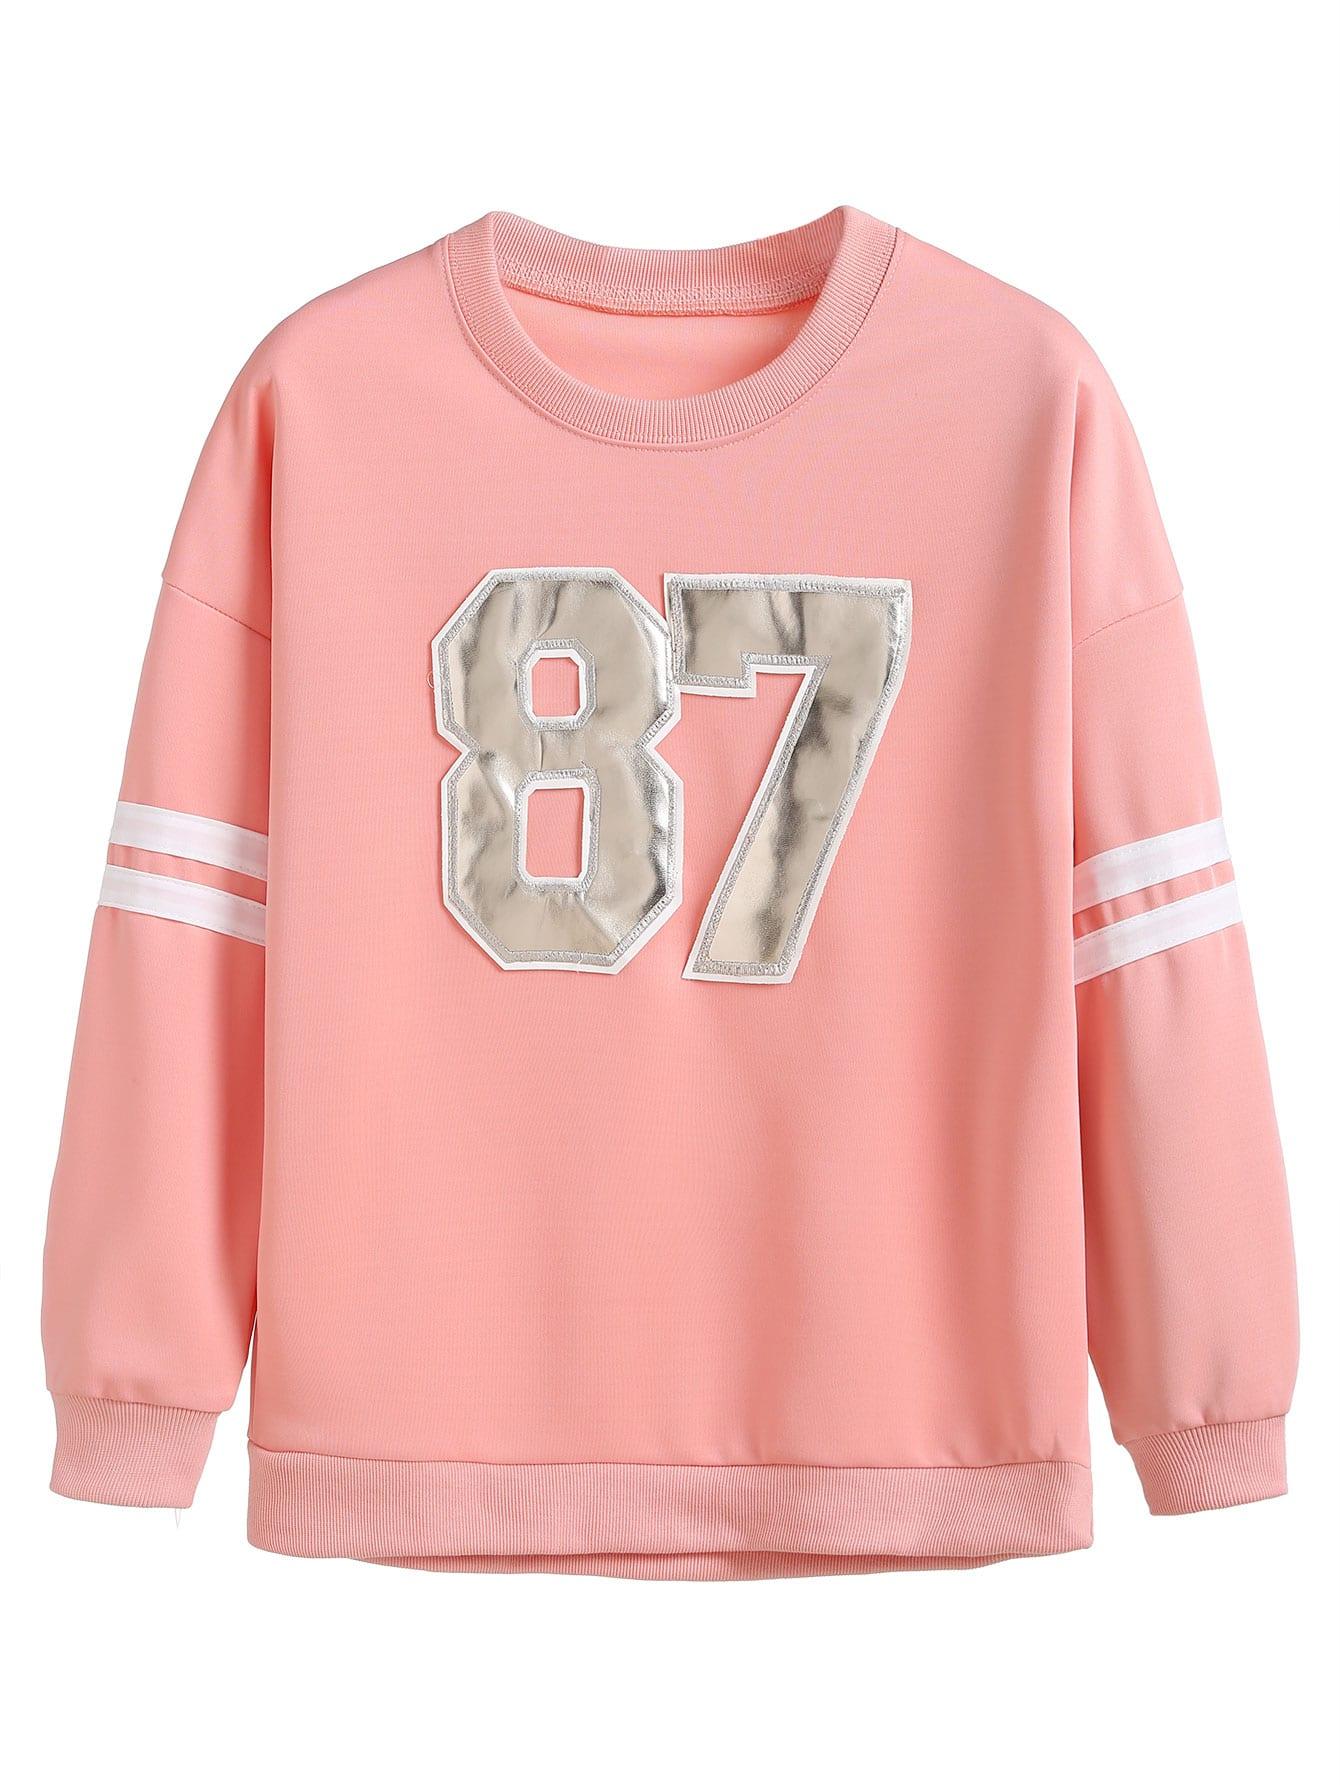 sweatshirt160830123_2